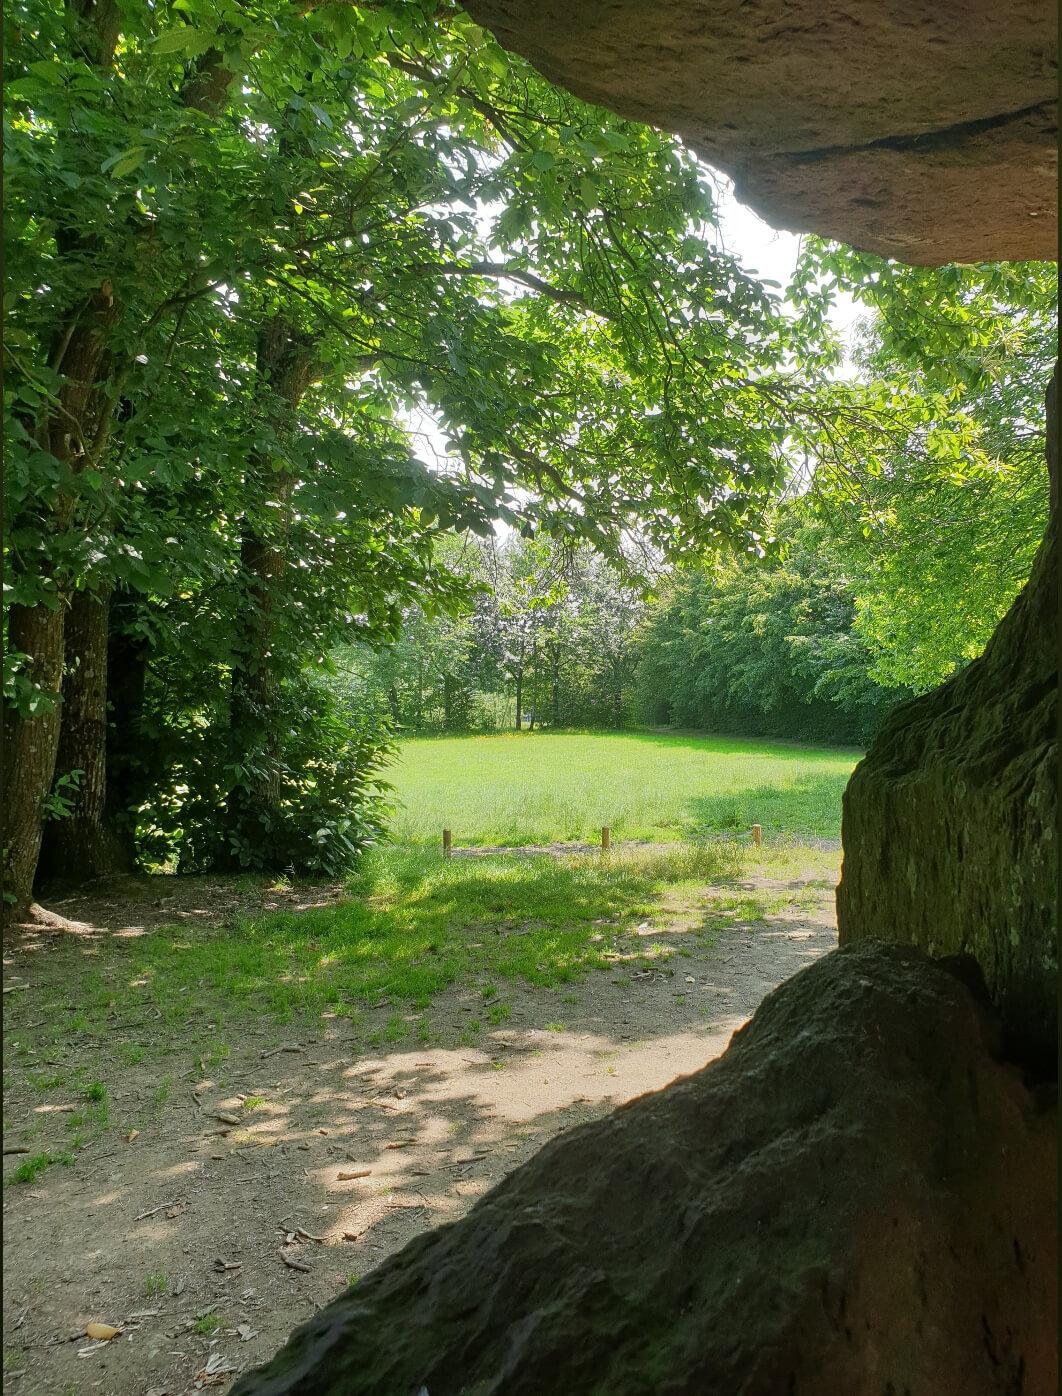 IMG 20200623 215934 381 - La Roche aux fées : une excursion historique